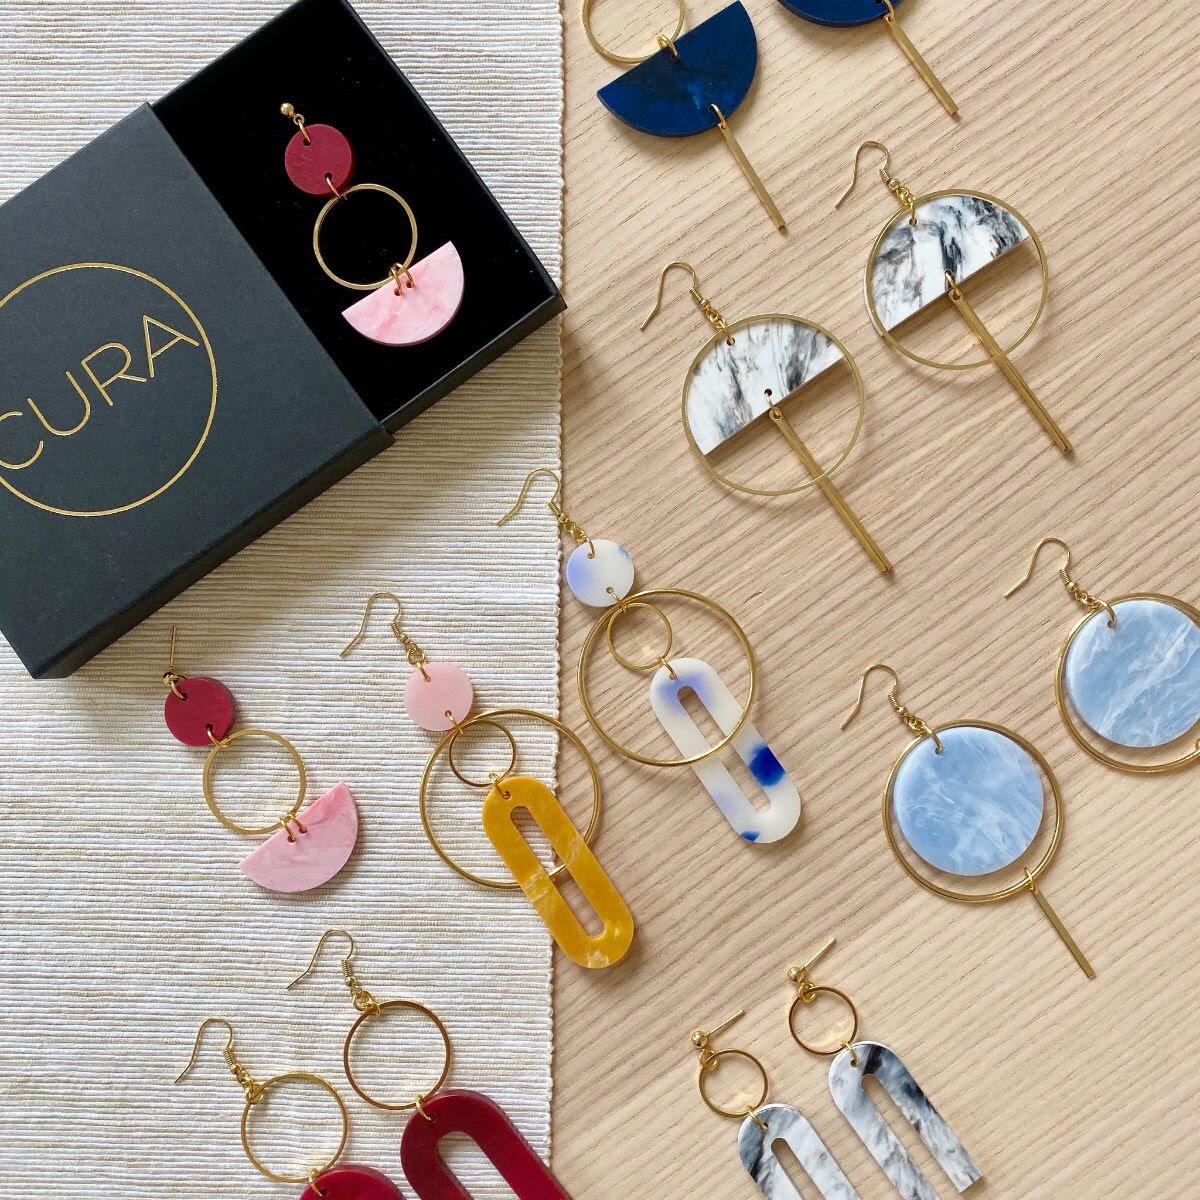 CURA  est un label de bijoux fabriqués à Lausanne à partir de bouteilles et bouchons en plastique HDPE. Le plastique est fondu, recomposé en plaques puis redécoupé ce qui fait que chaque pièce est unique ♡ Réduire, réutiliser et recycler - Cura a la même philosophie que vos dévouées au Labo.